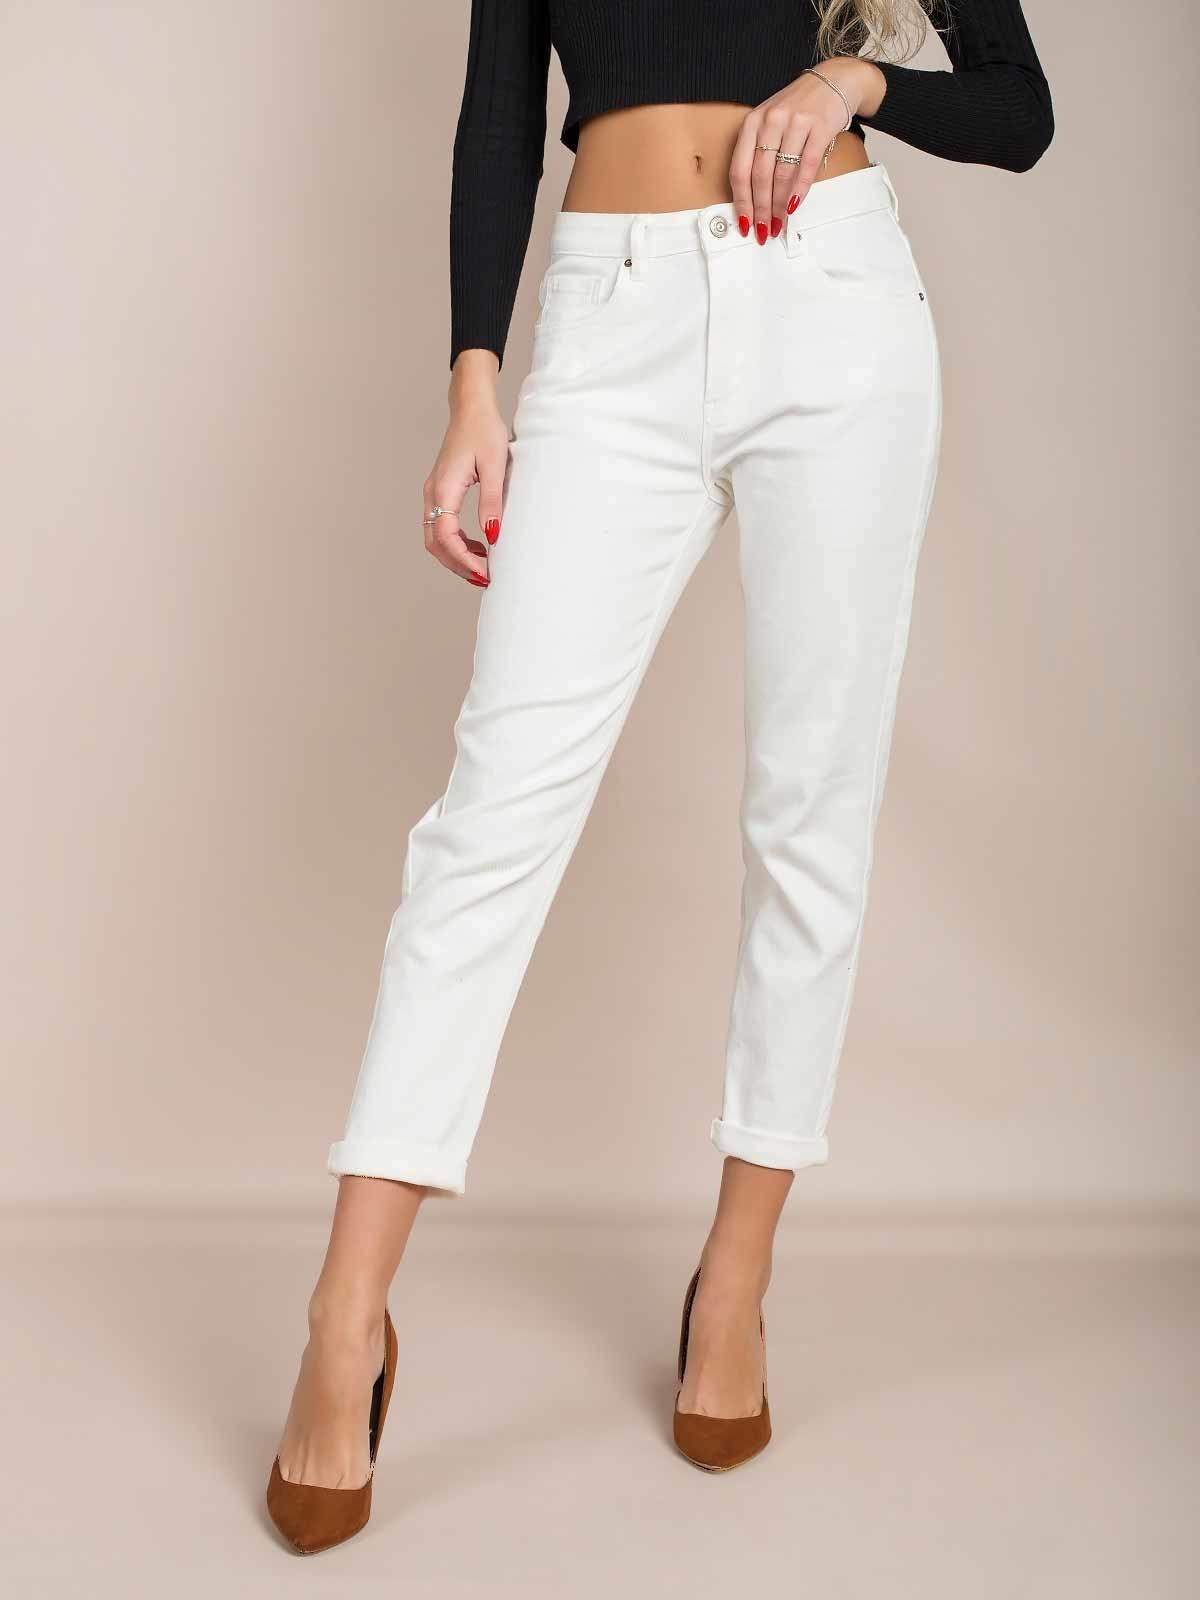 Calças ganga brancas slim fit